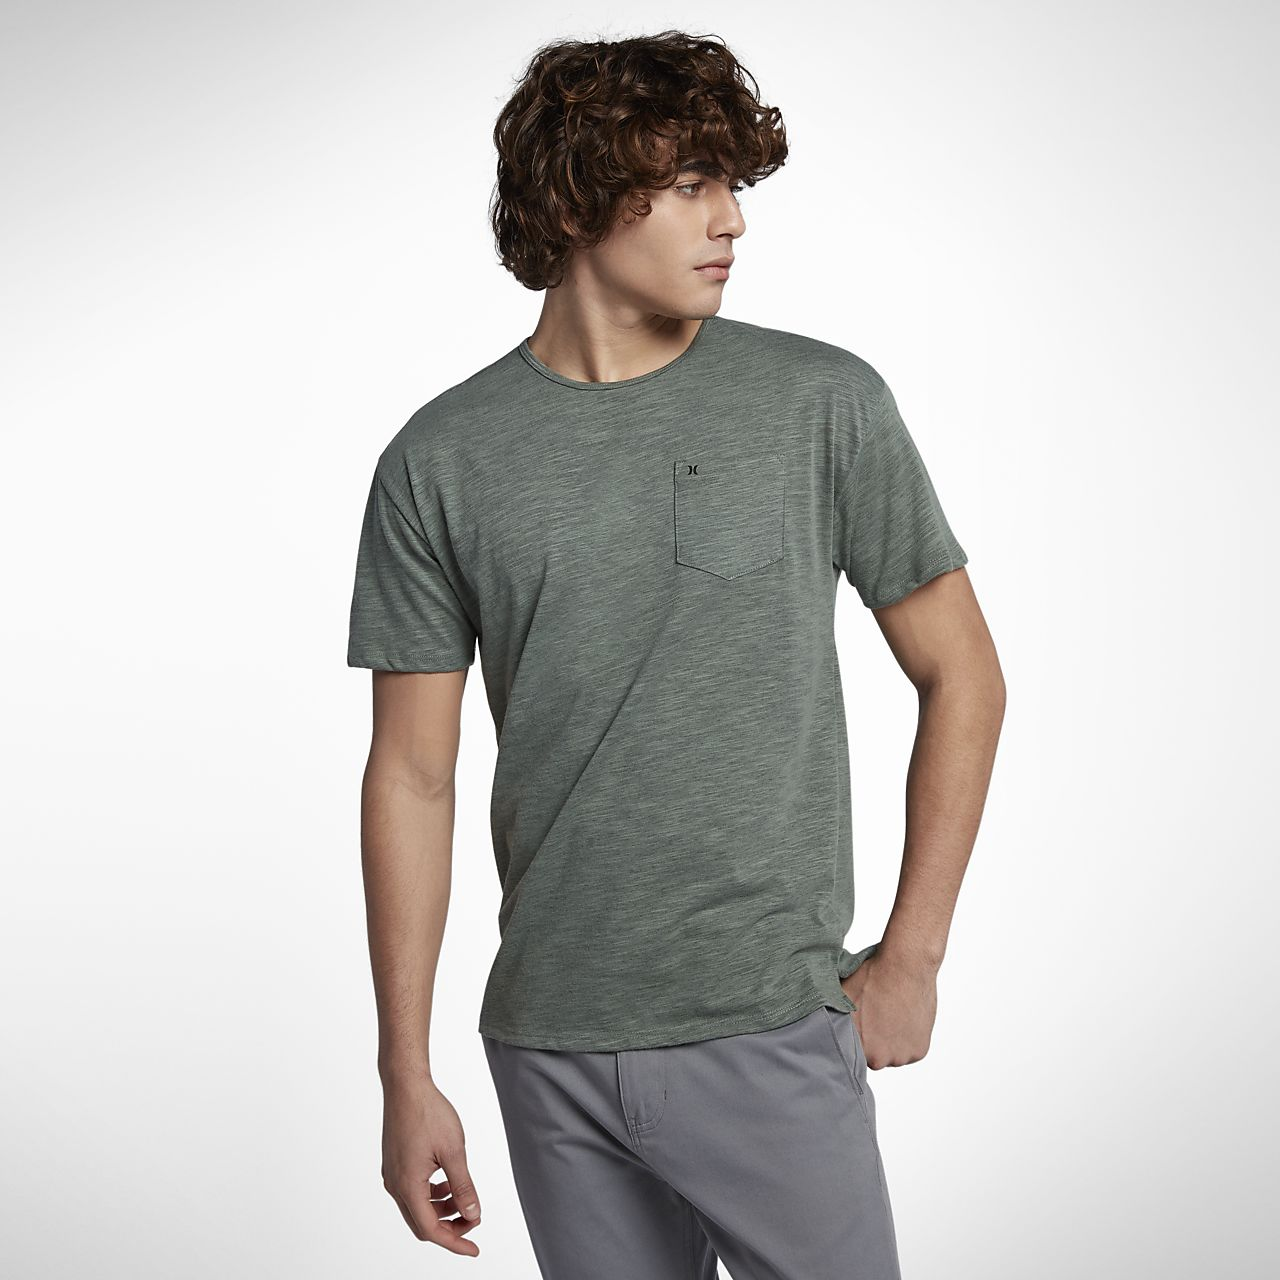 6bd6f9cf884ca7 Hurley Dri-FIT Lagos Port Men s T-Shirt. Nike.com AU